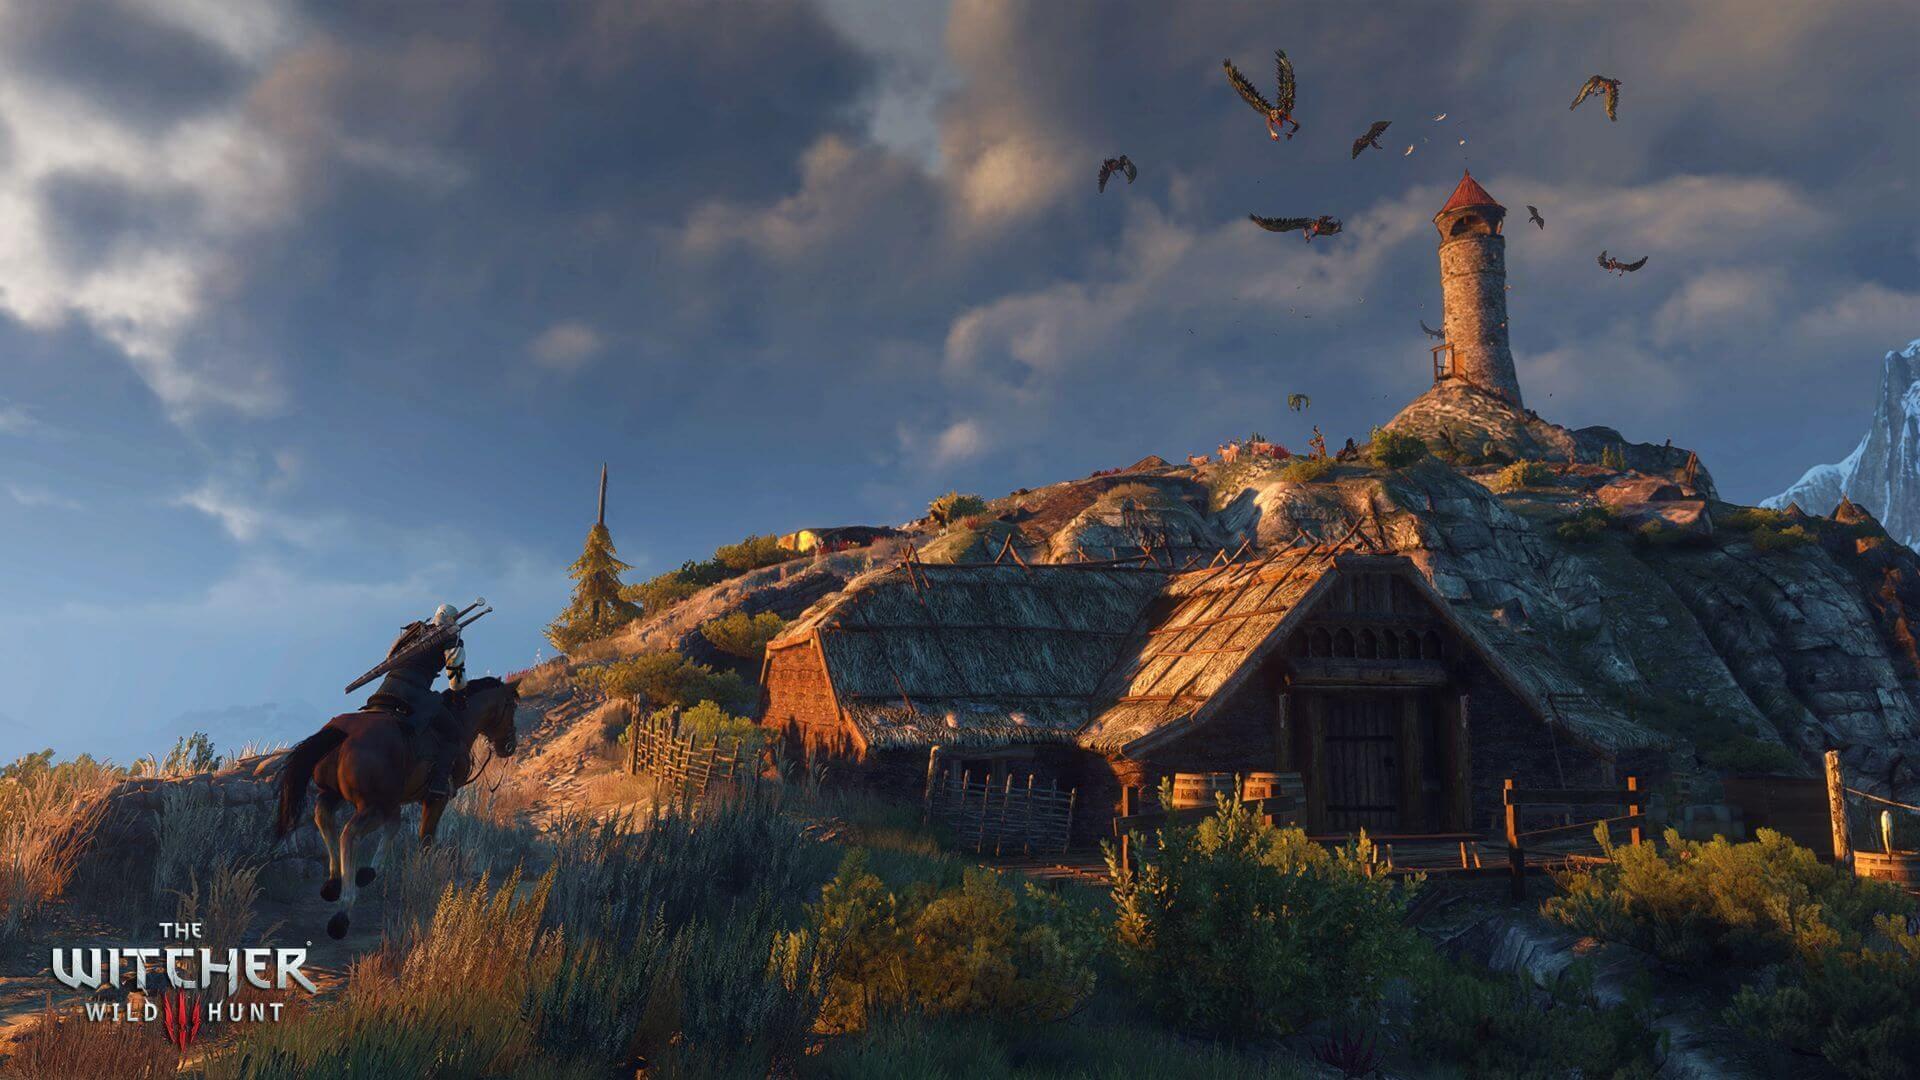 The Witcher 3: Wild Hunt Village Screenshot